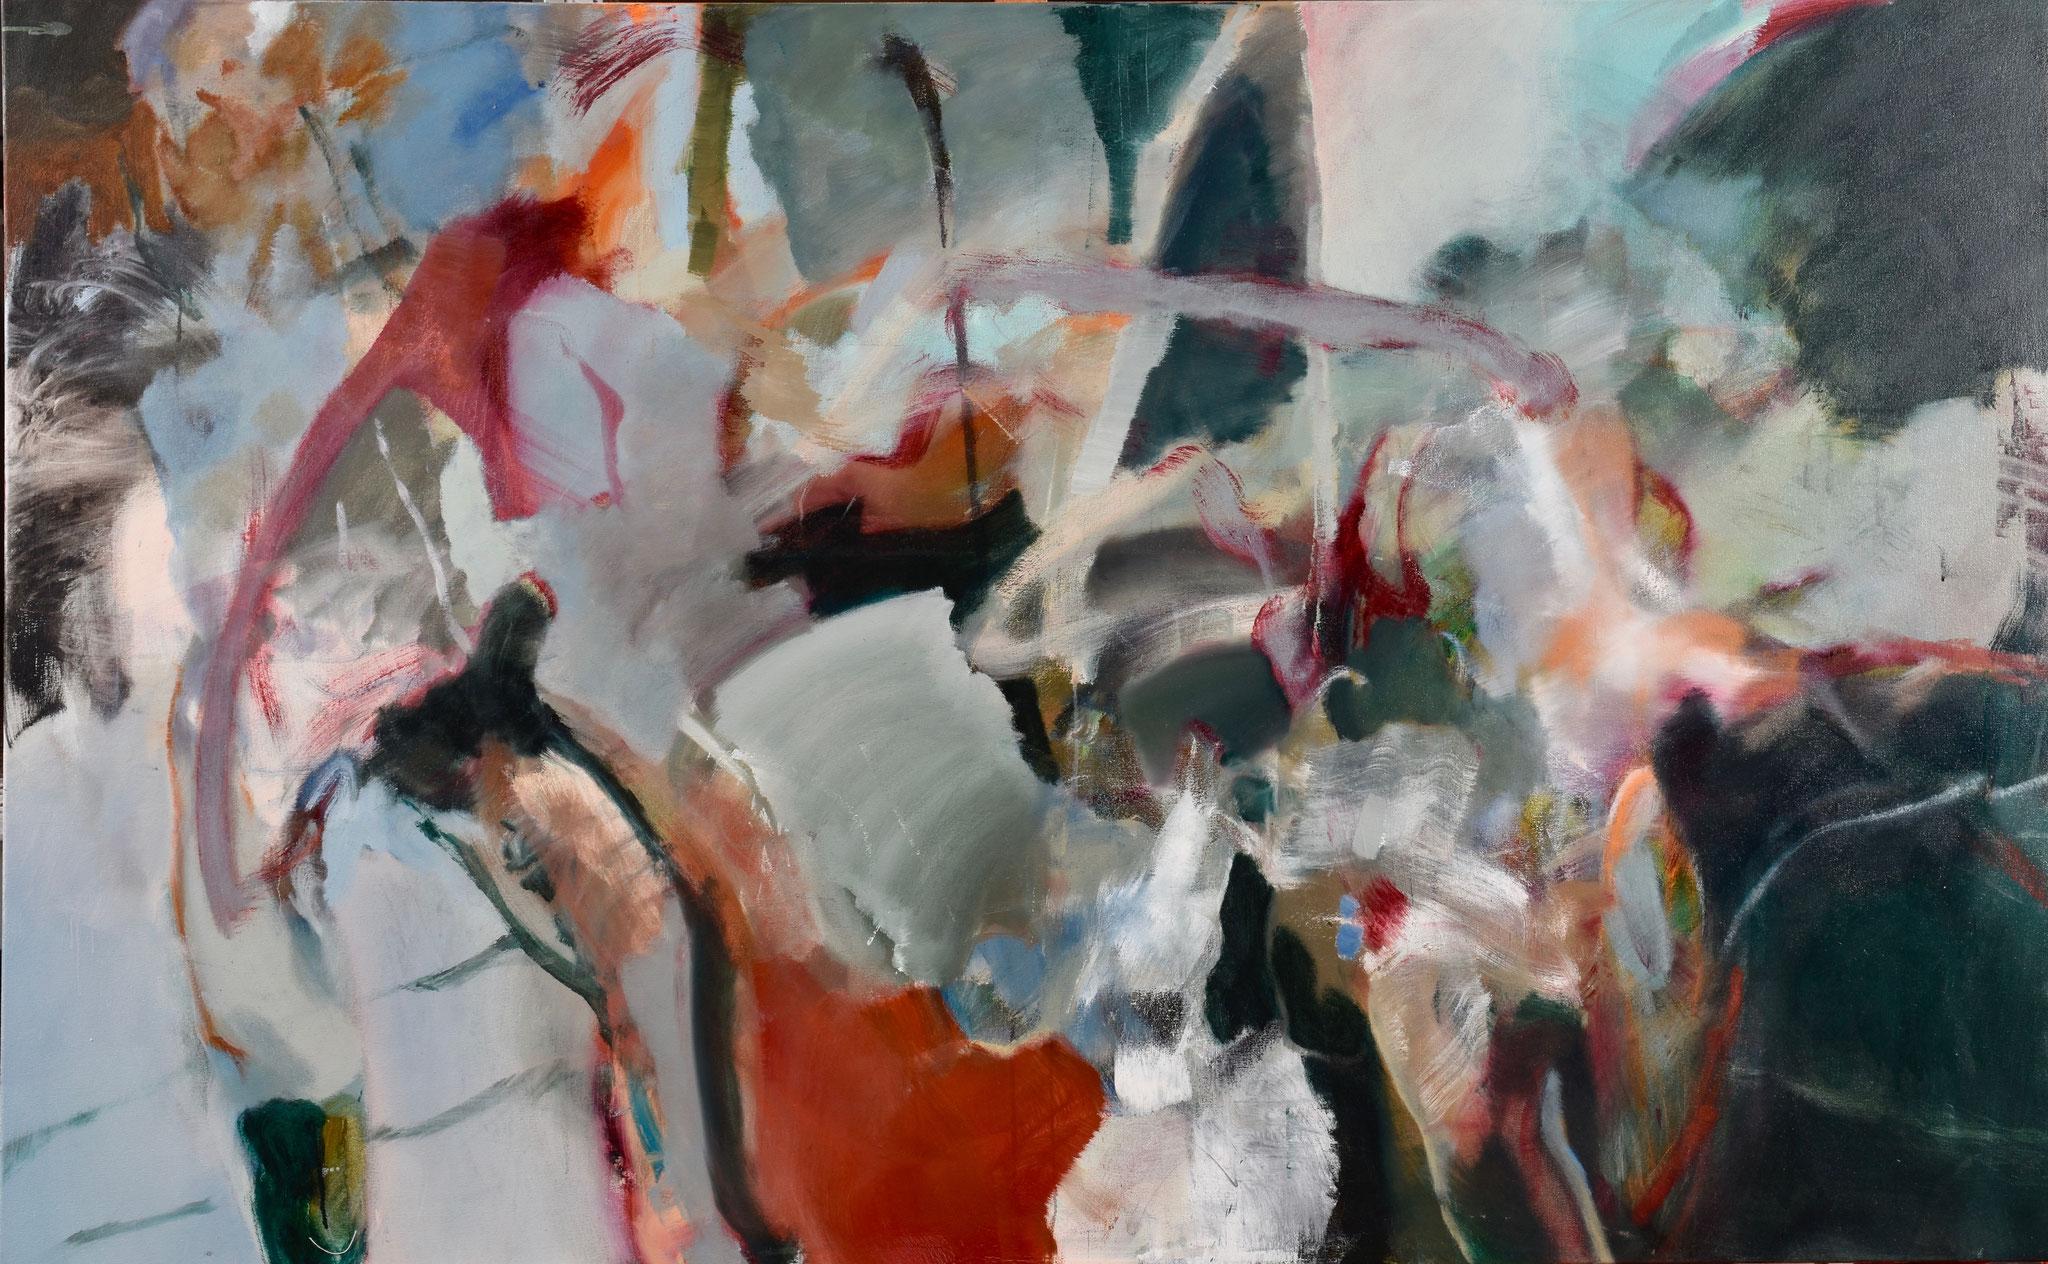 68  |  Ohne Titel  |  2019  |  Öl auf Leinwand  |  125 x 200 cm